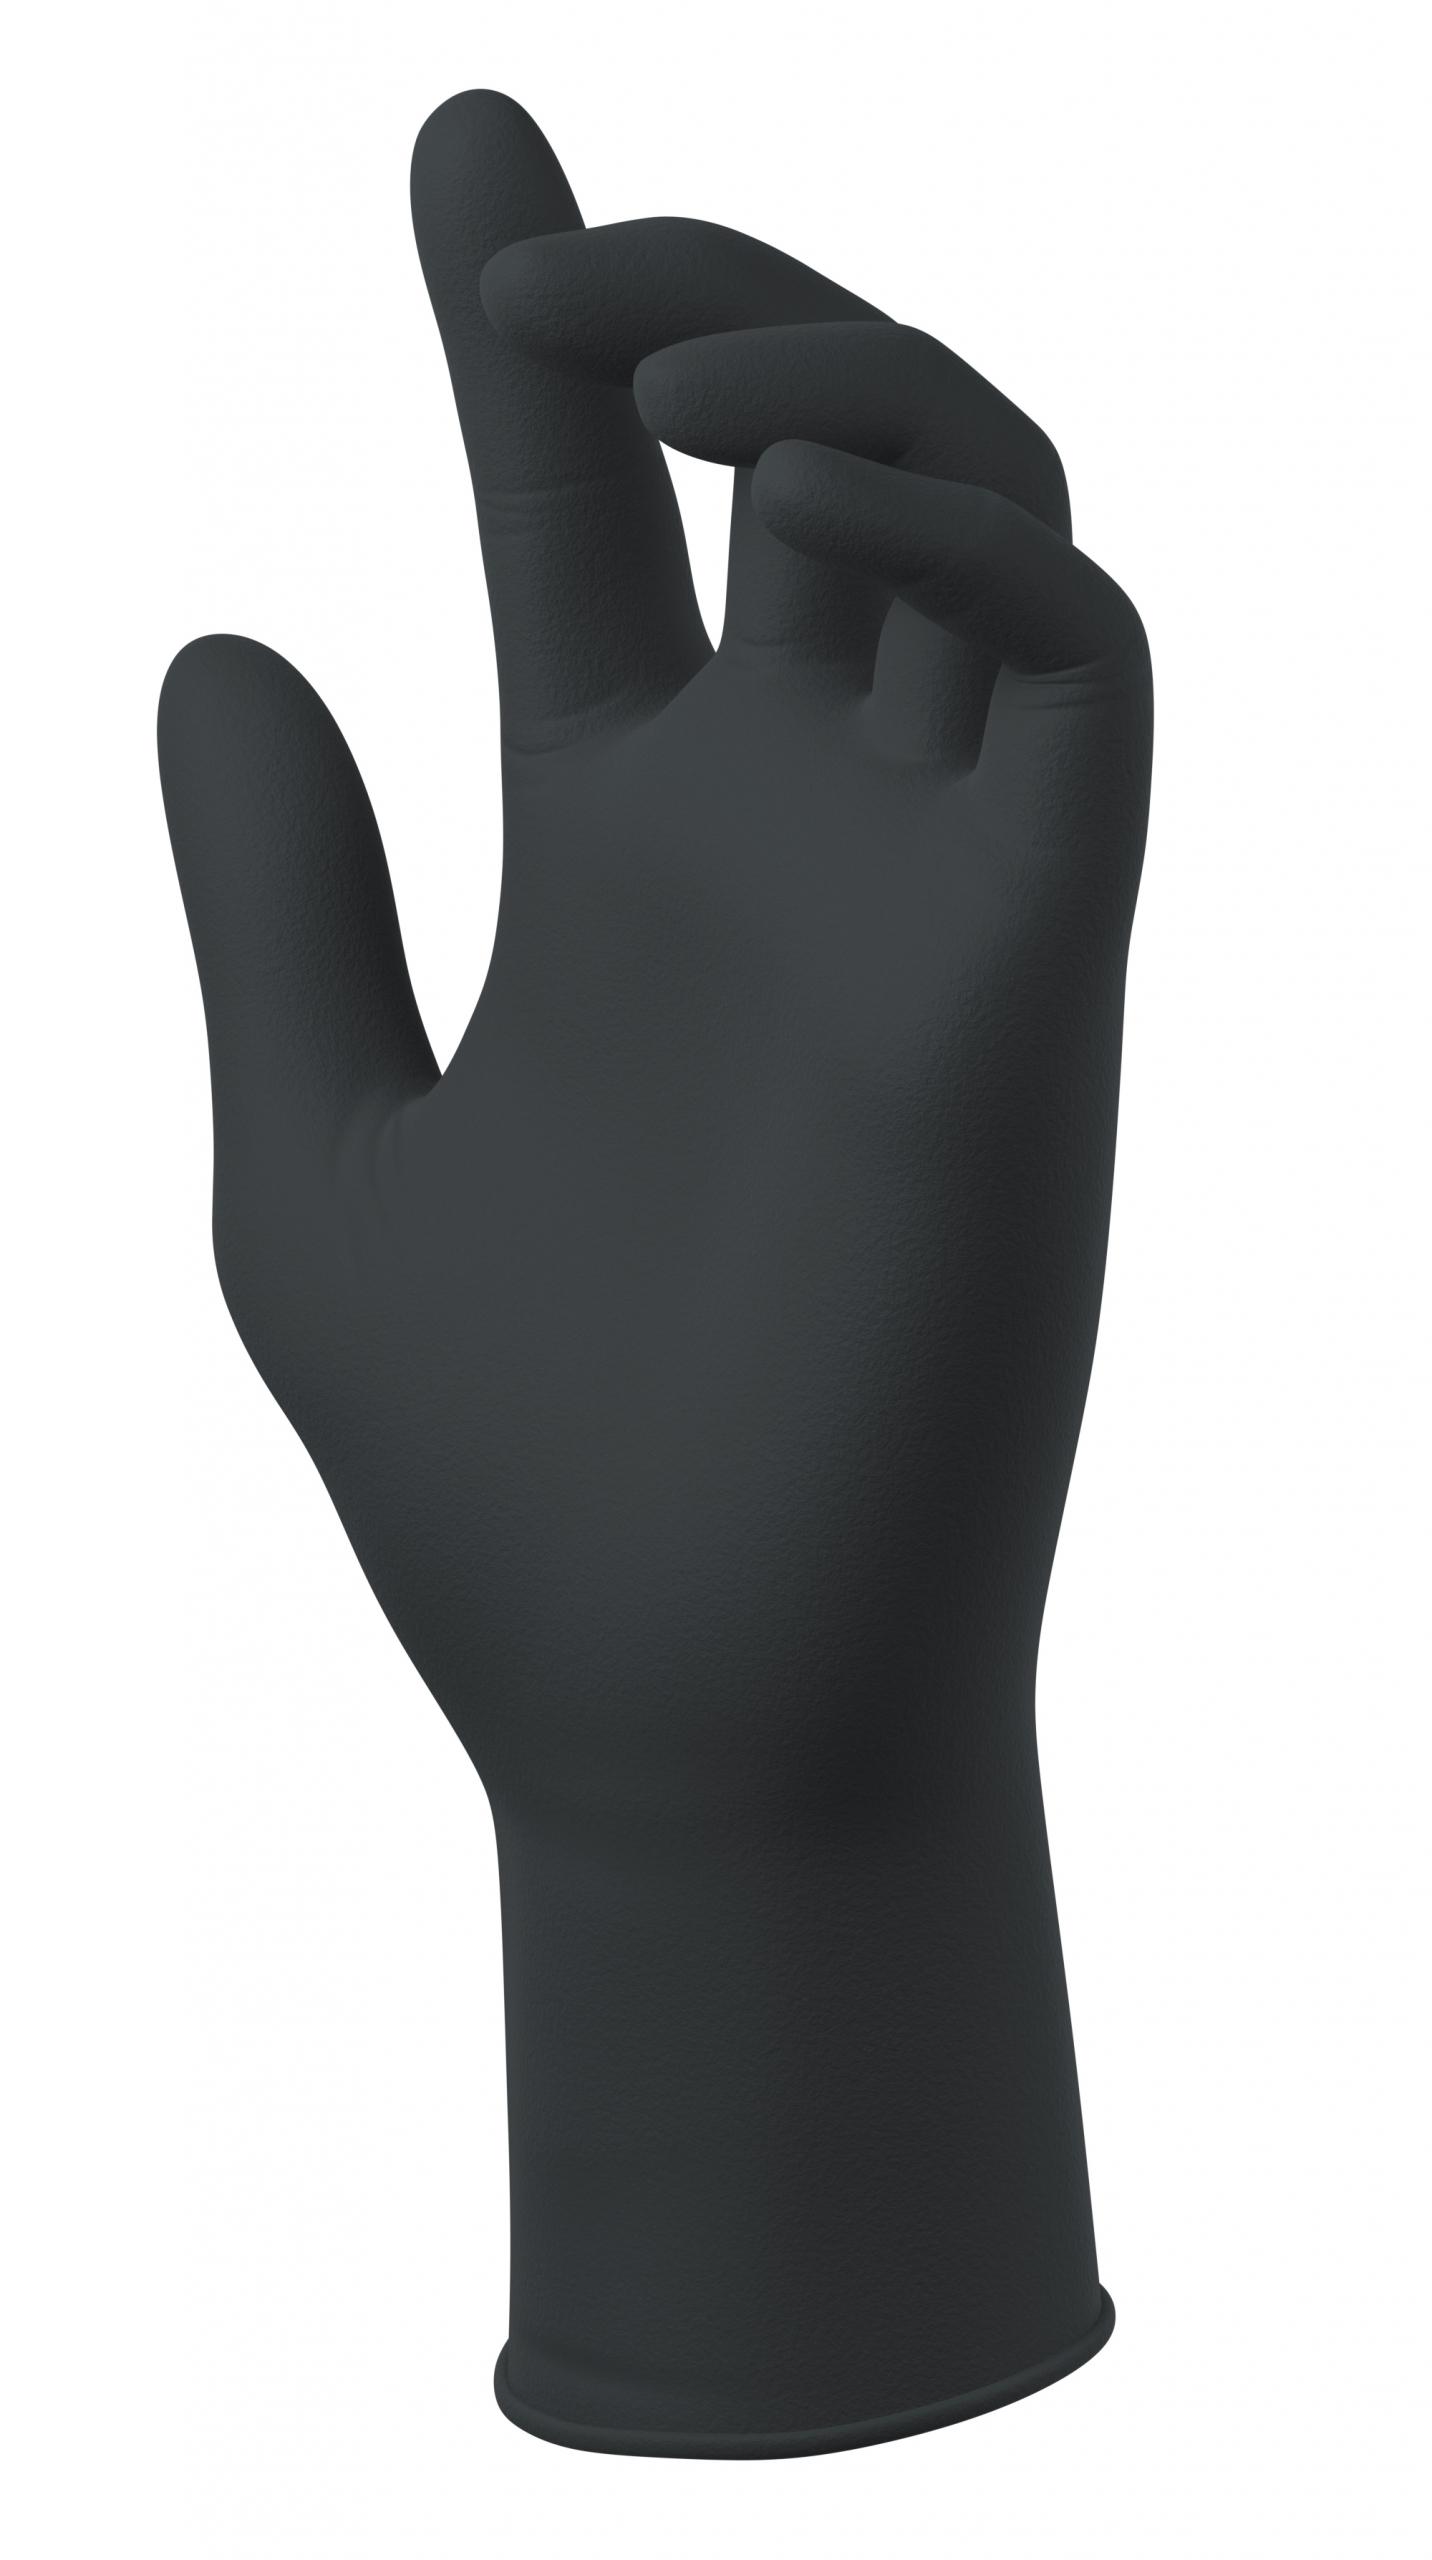 N66088- Megaman® Absorbant Lined Nitrile Gloves Image